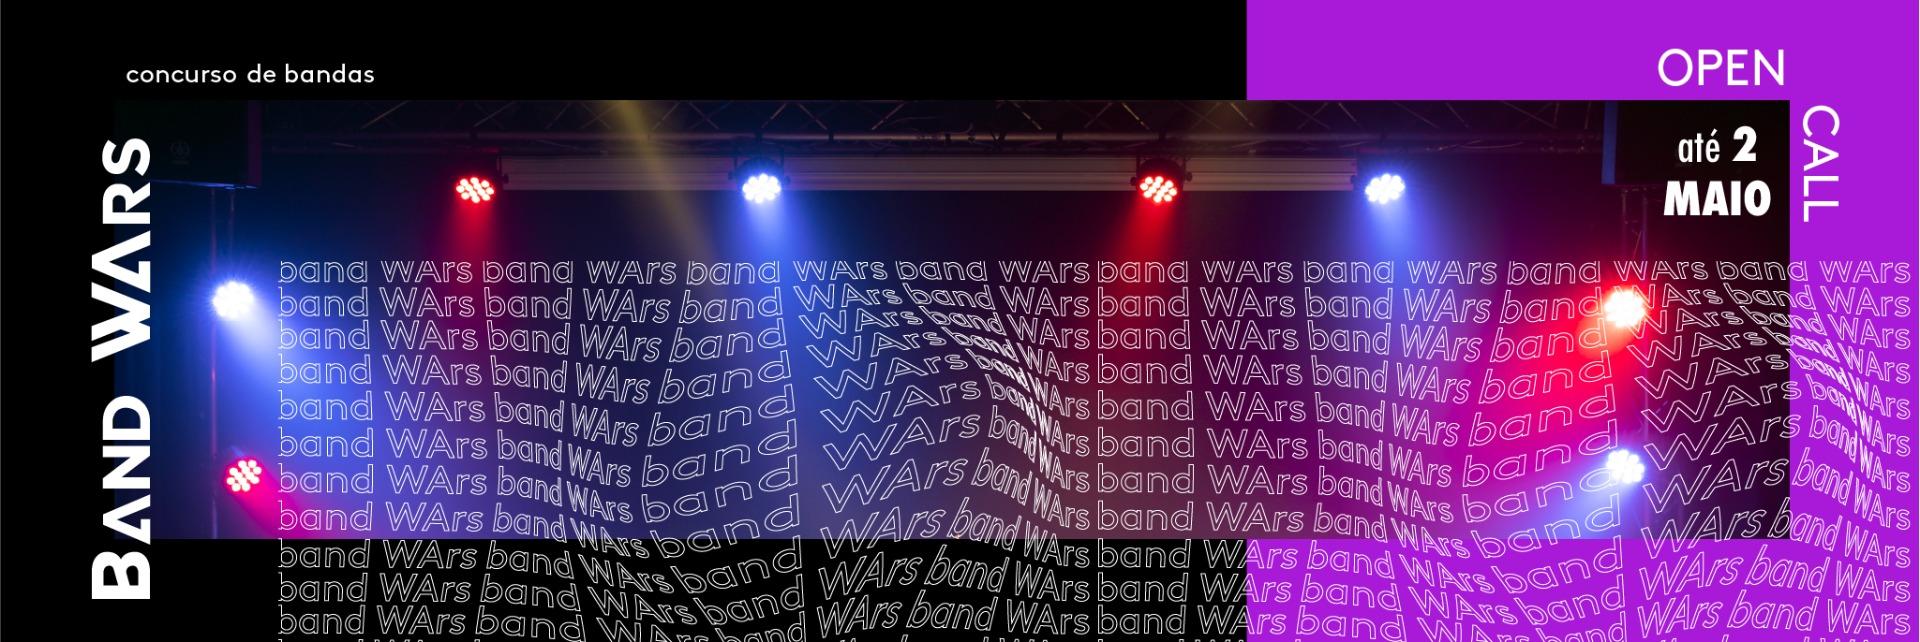 Concurso de Bandas Band Wars